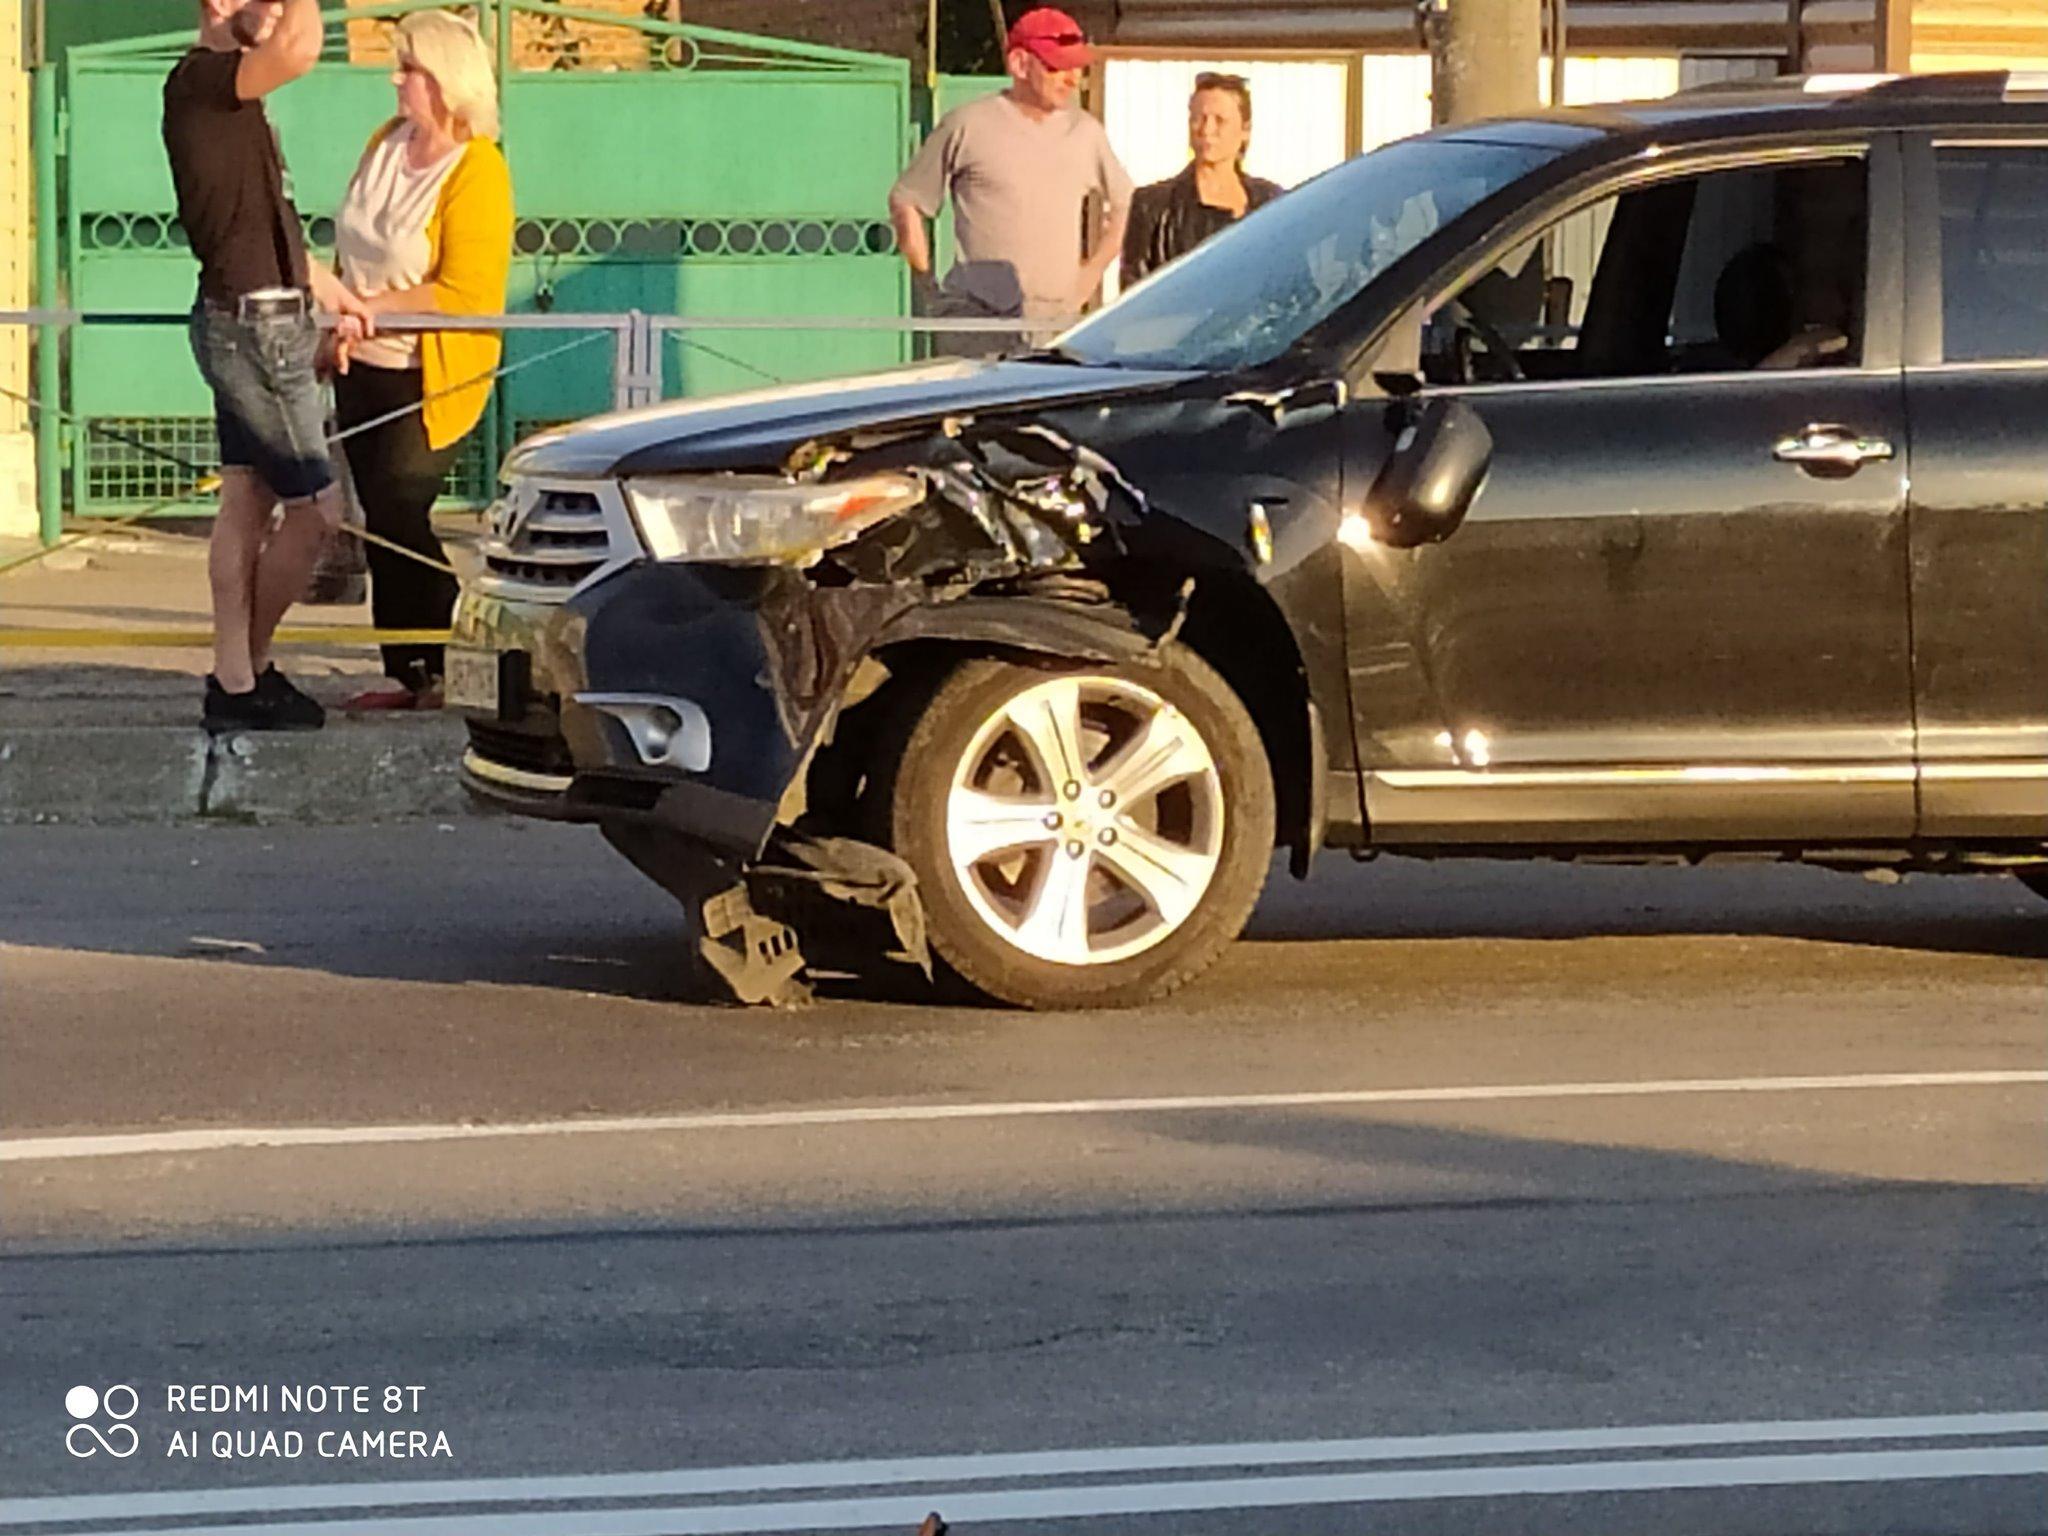 У Козятинському районі 20-річний водій на позашляховику збив жінку. Потерпіла померла, хлопець в ізоляторі (Фото)